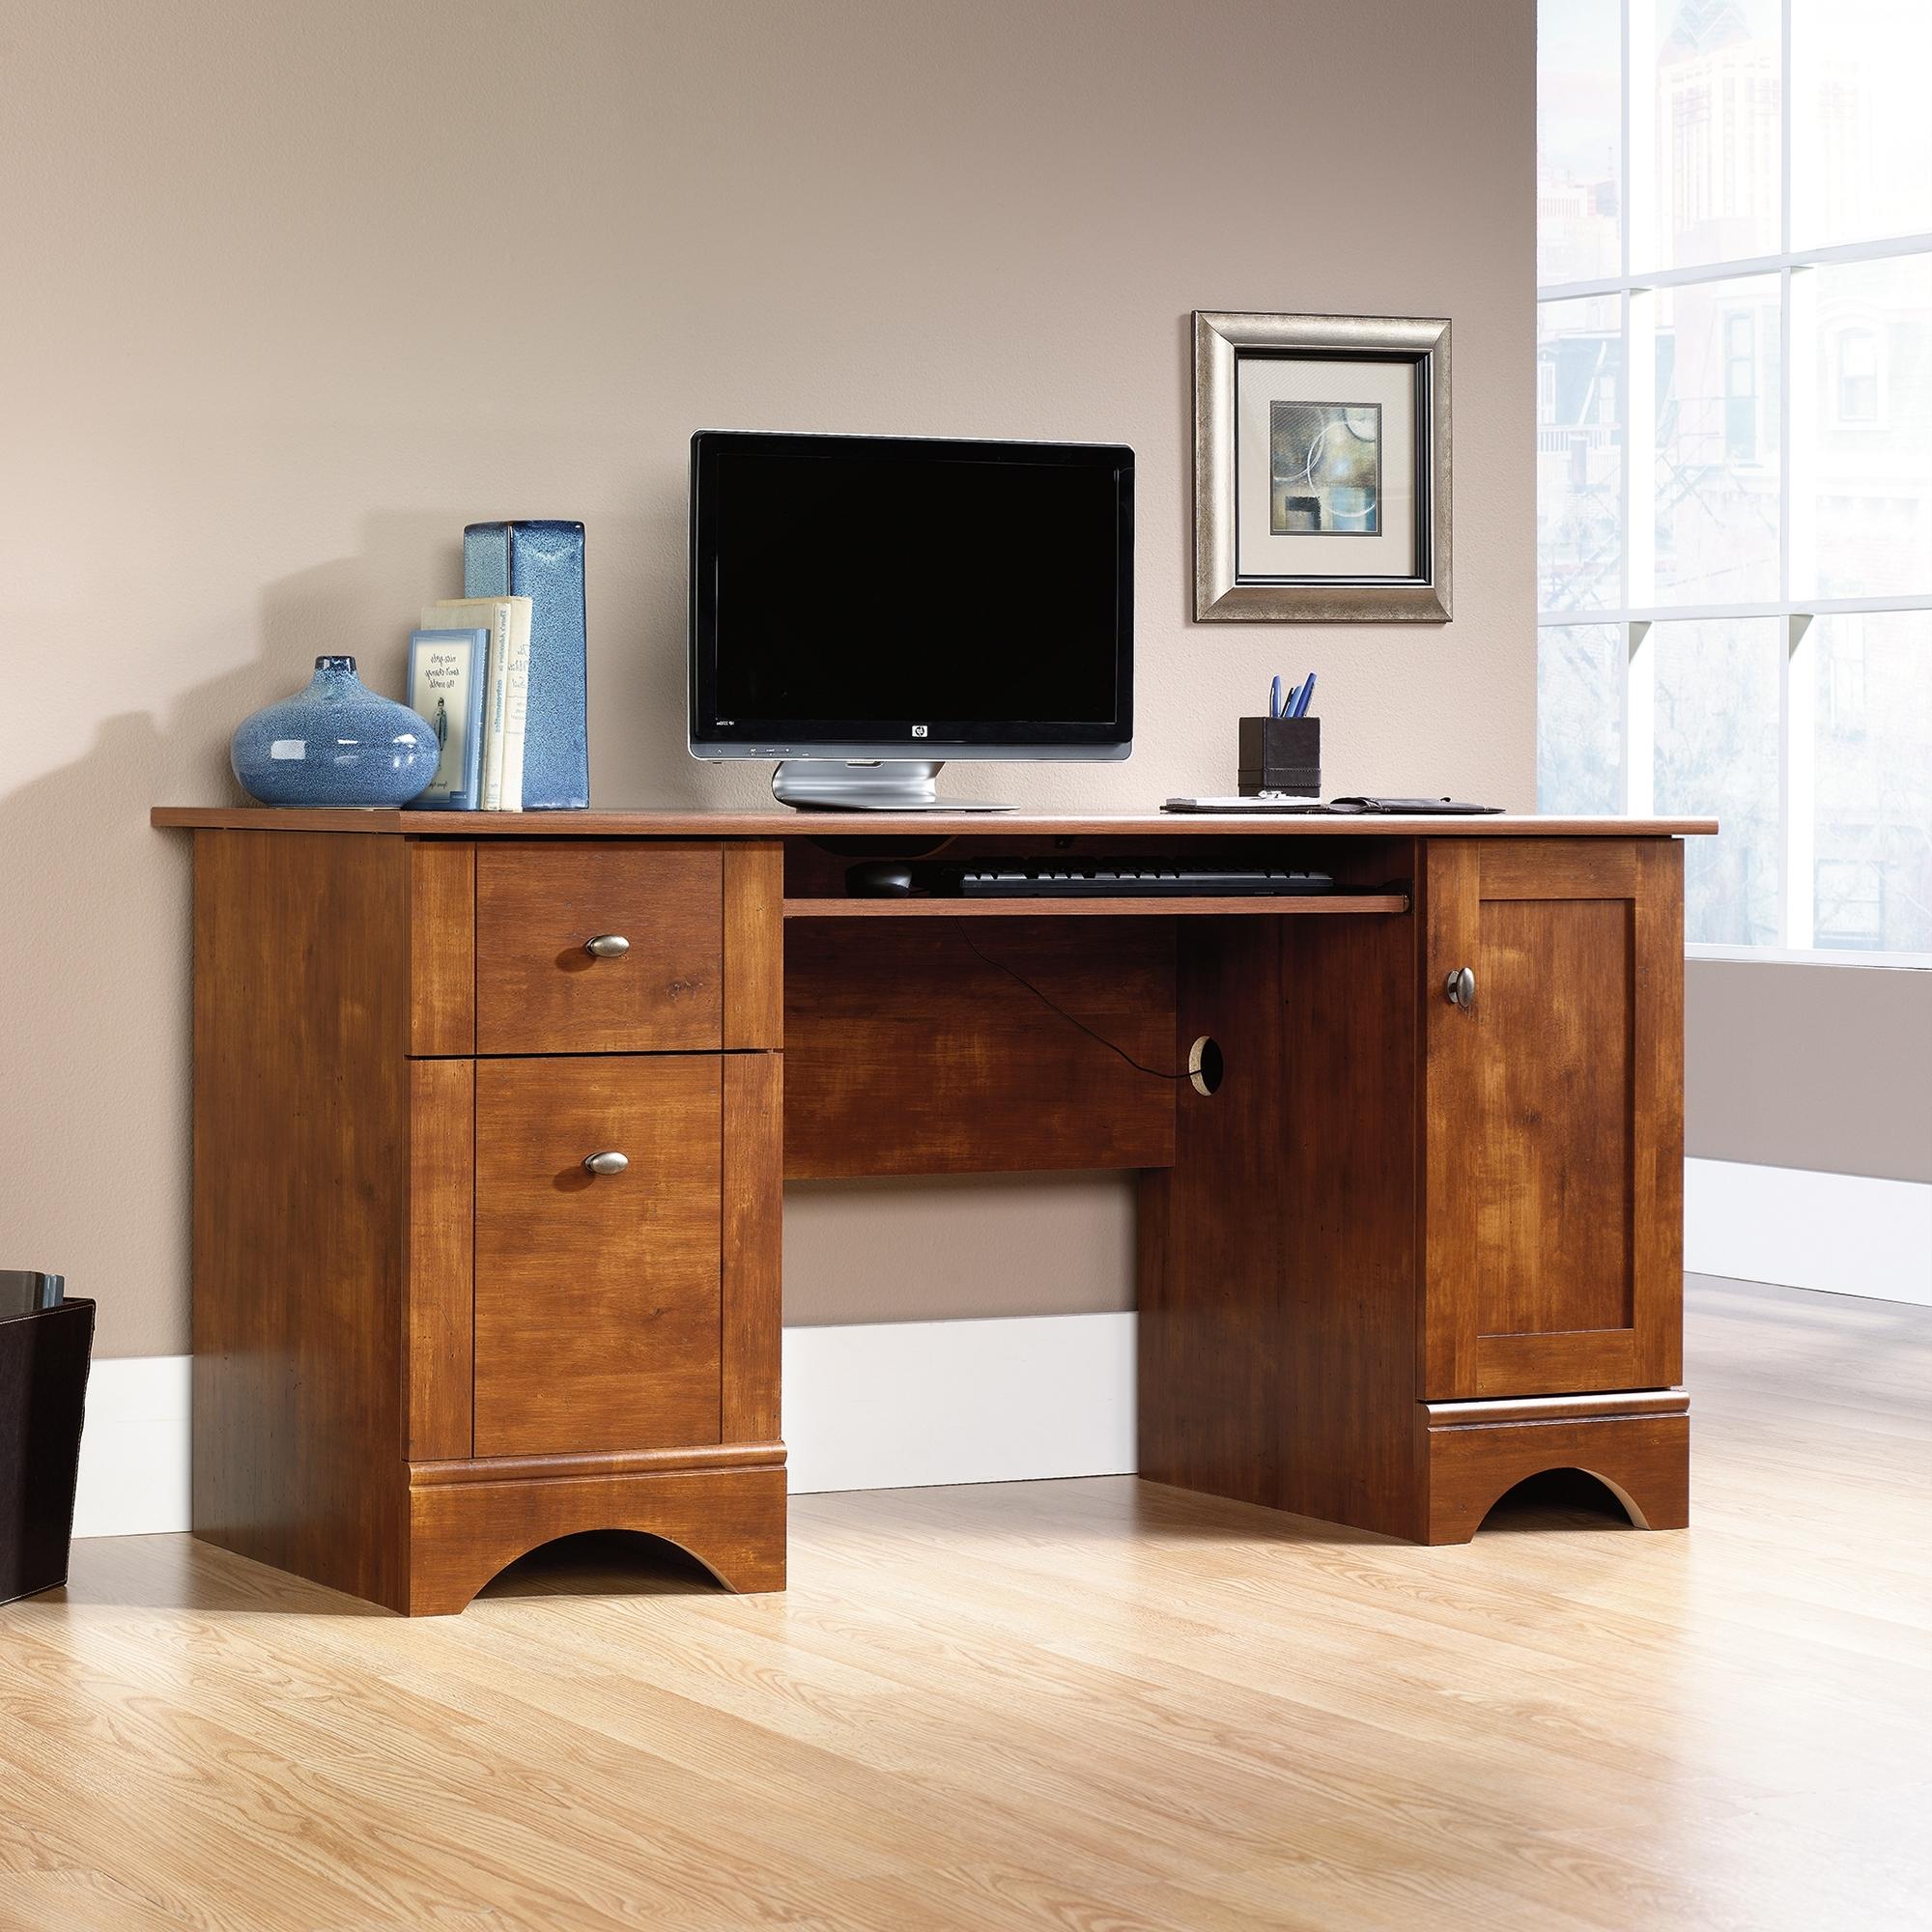 Computer Desks For Home Intended For Newest Sauder Select Computer Desk (402375) – Sauder (View 7 of 20)